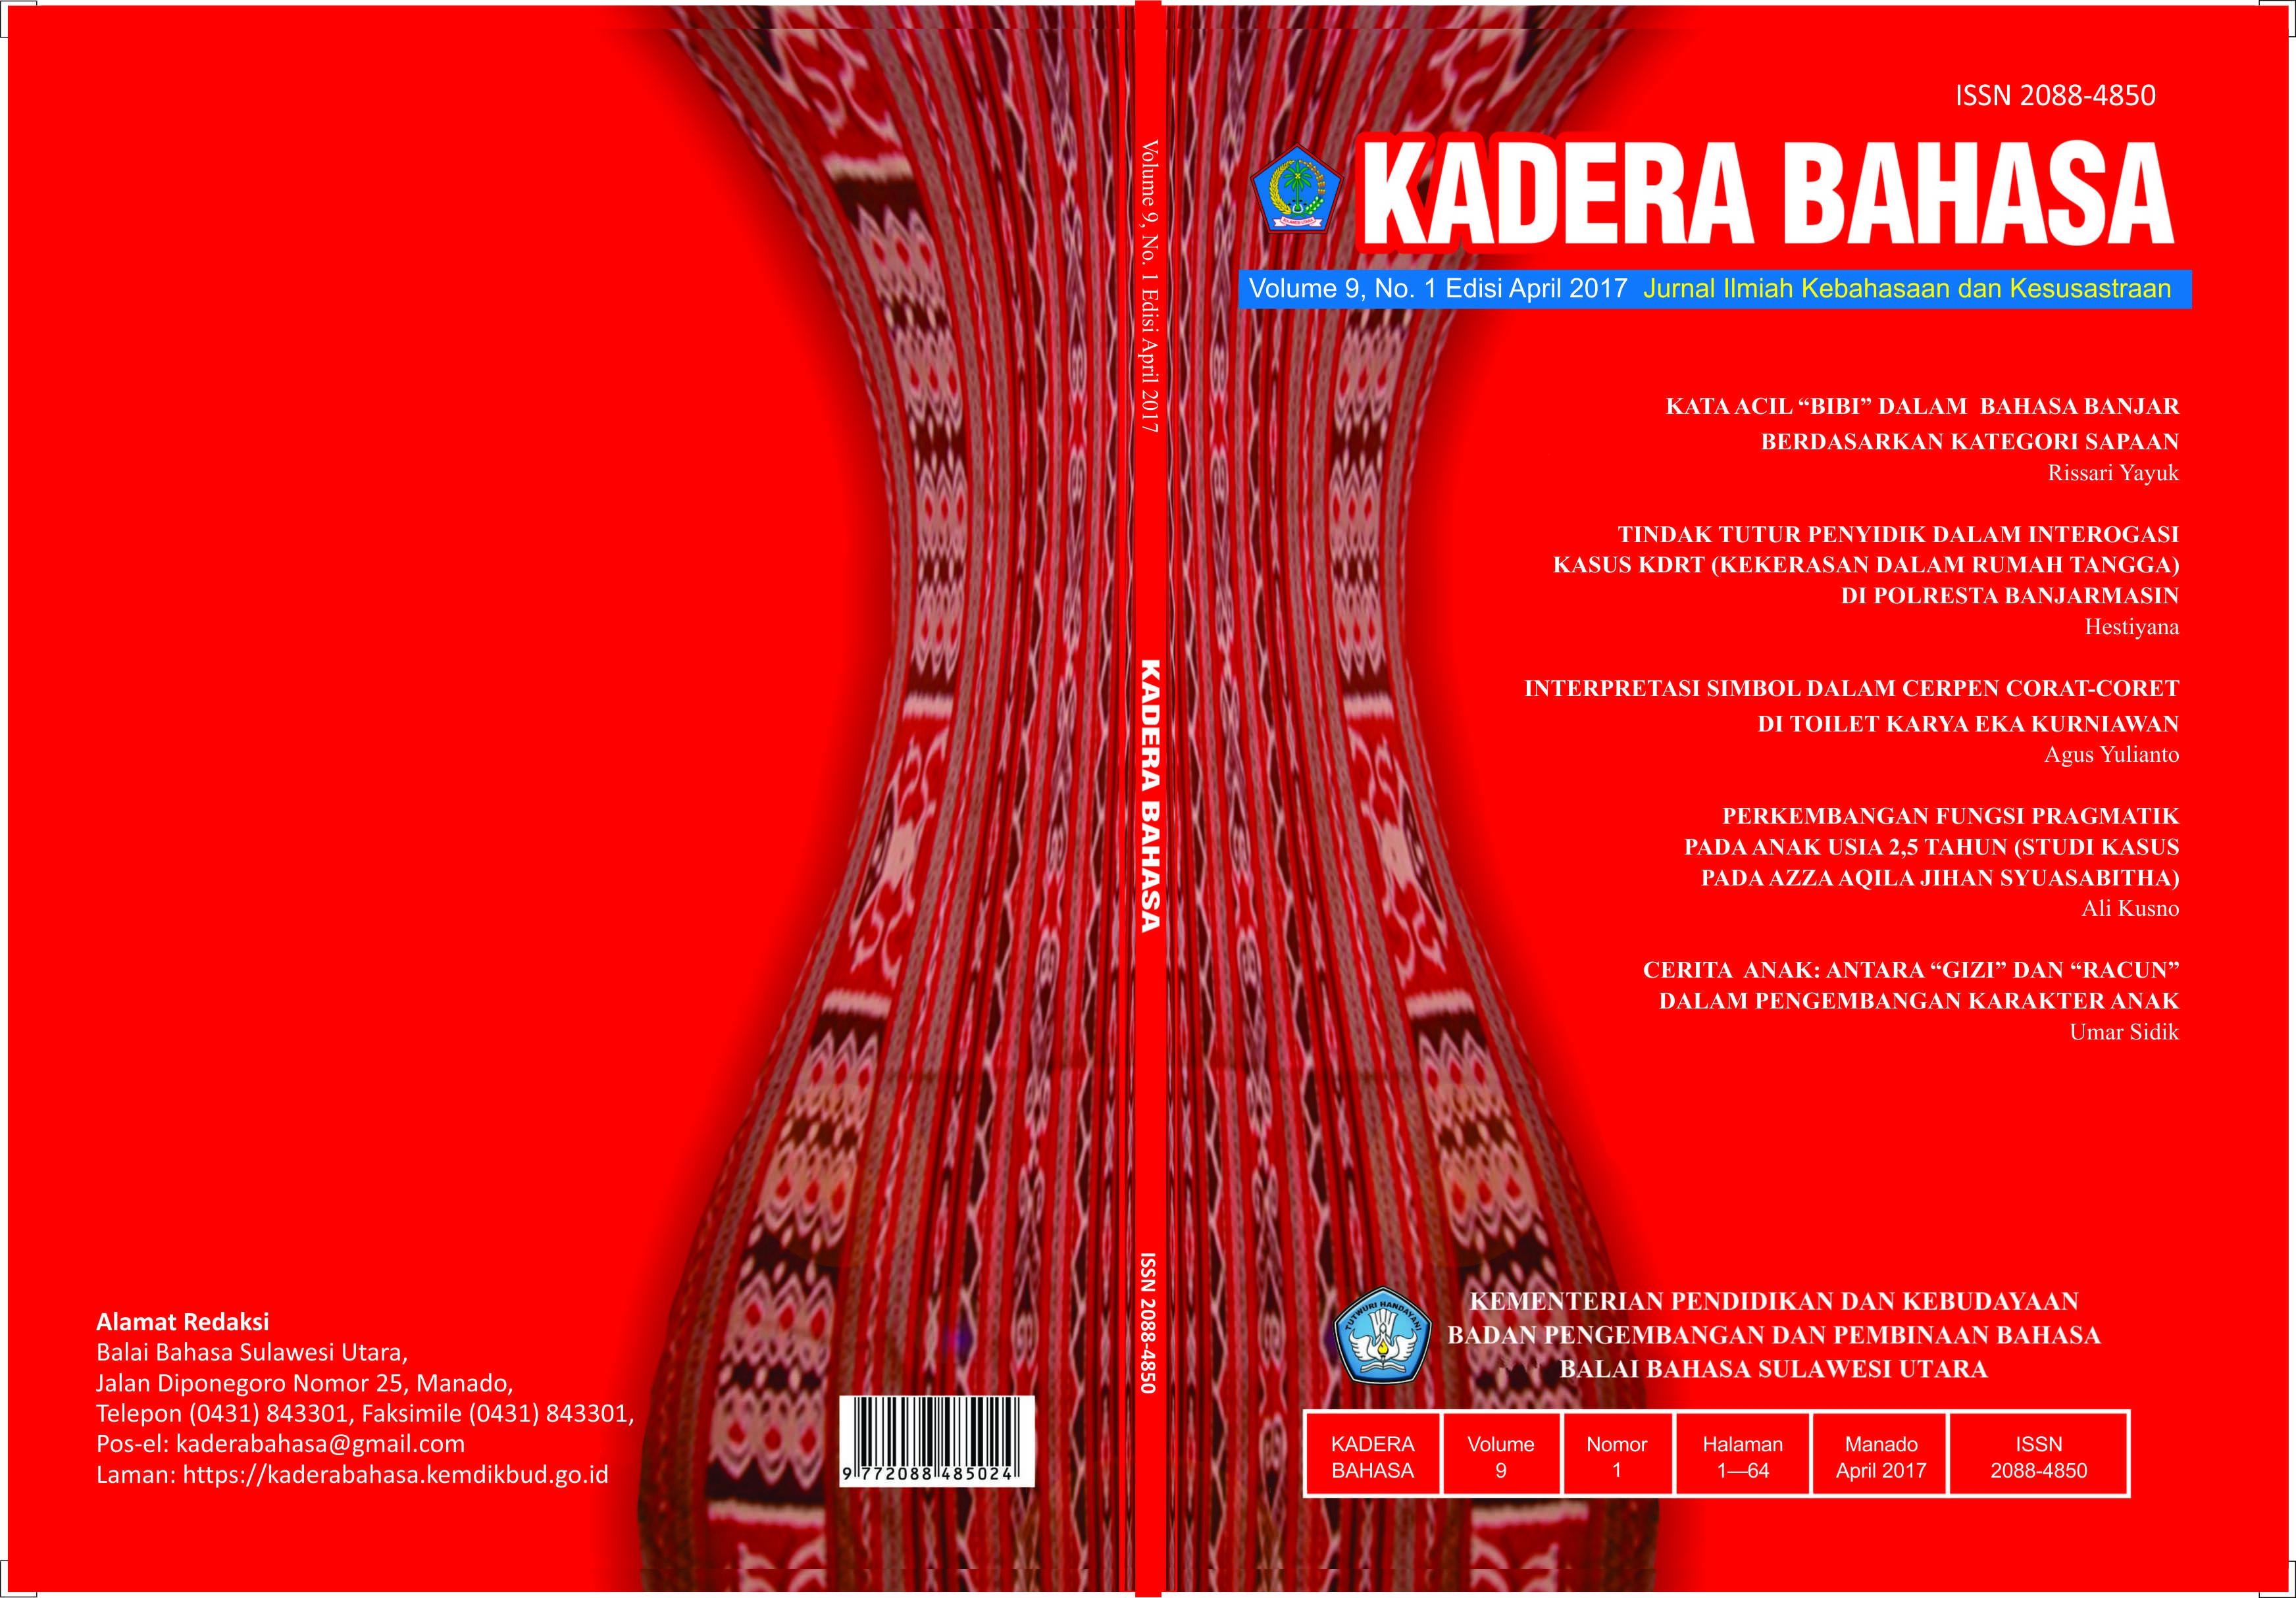 Kadera Bahasa Volume 9 Nomor 1 Edisi April 2017